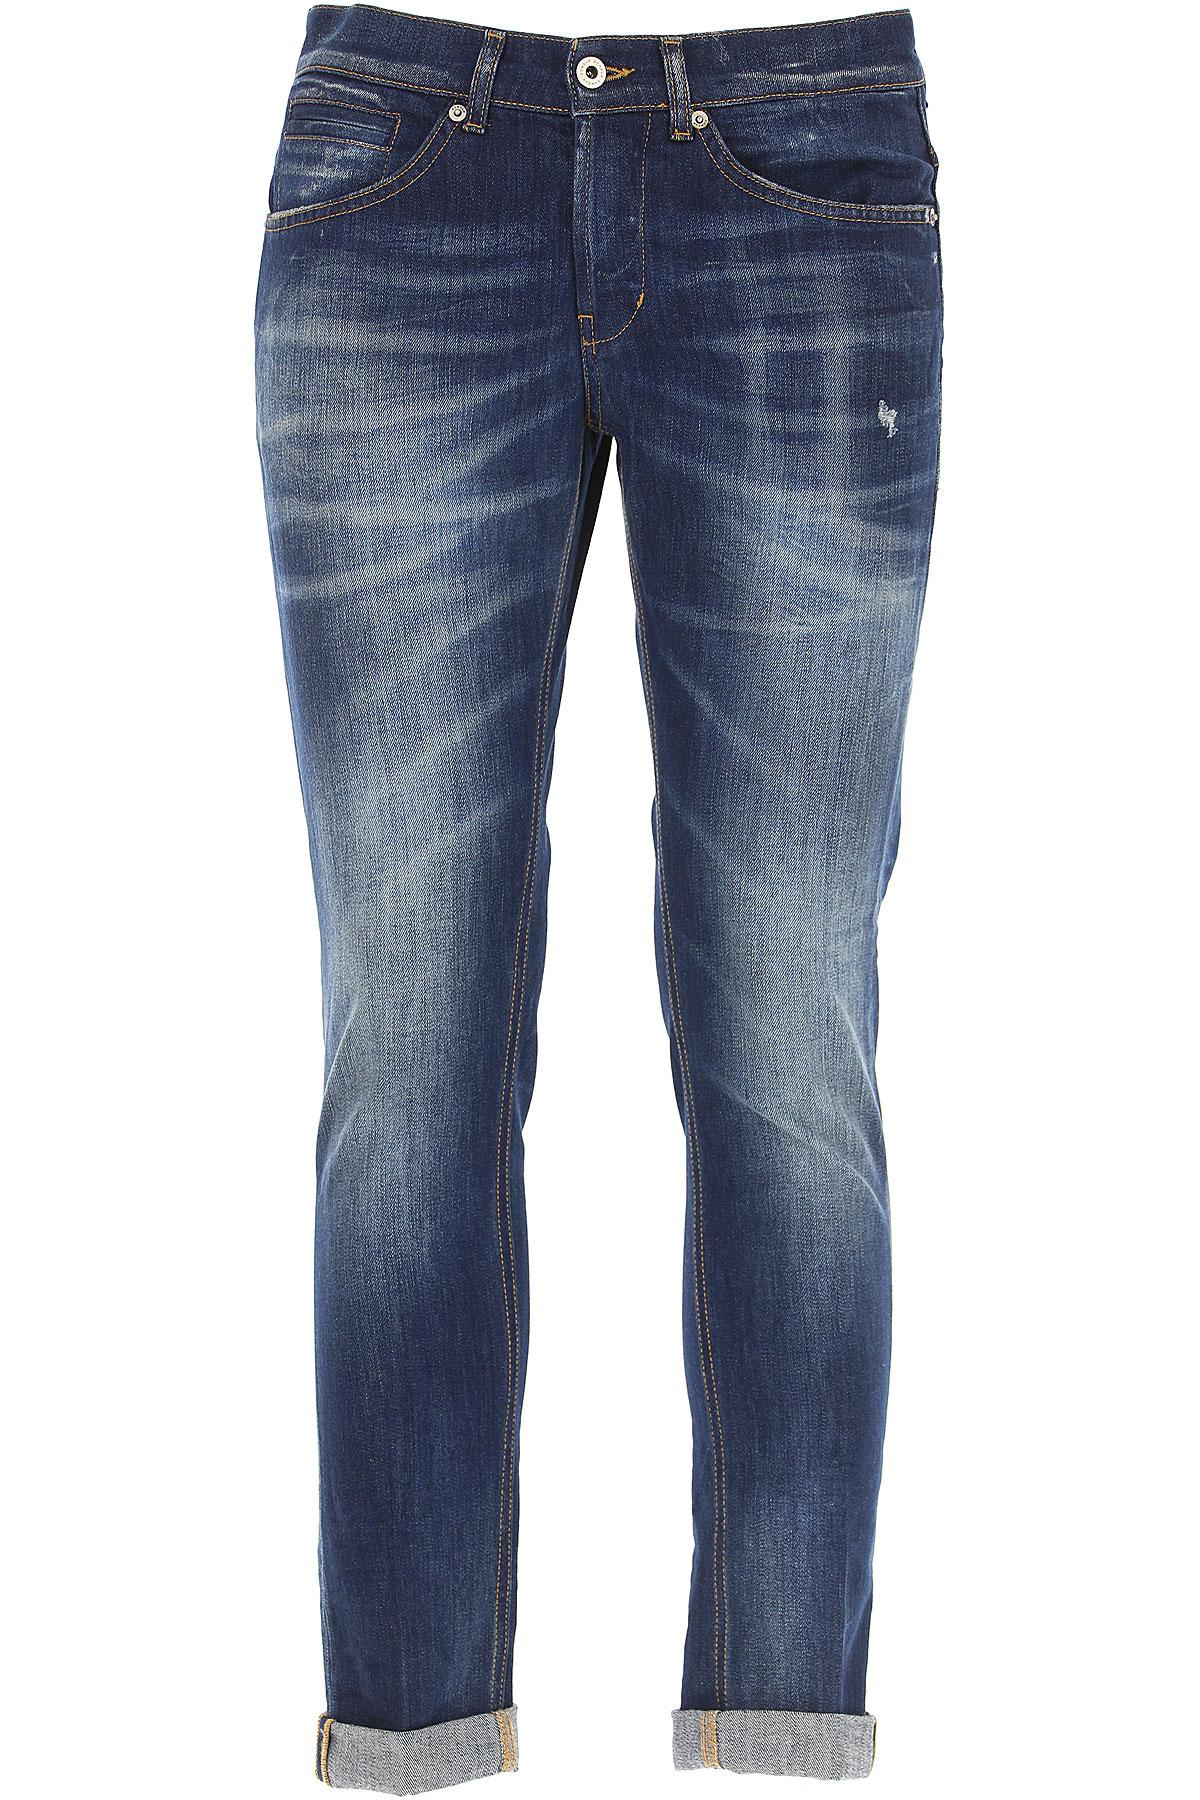 Dondup Jeans On Sale, Denim Blue, Cotton, 2017, 29 30 31 32 33 34 35 36 38